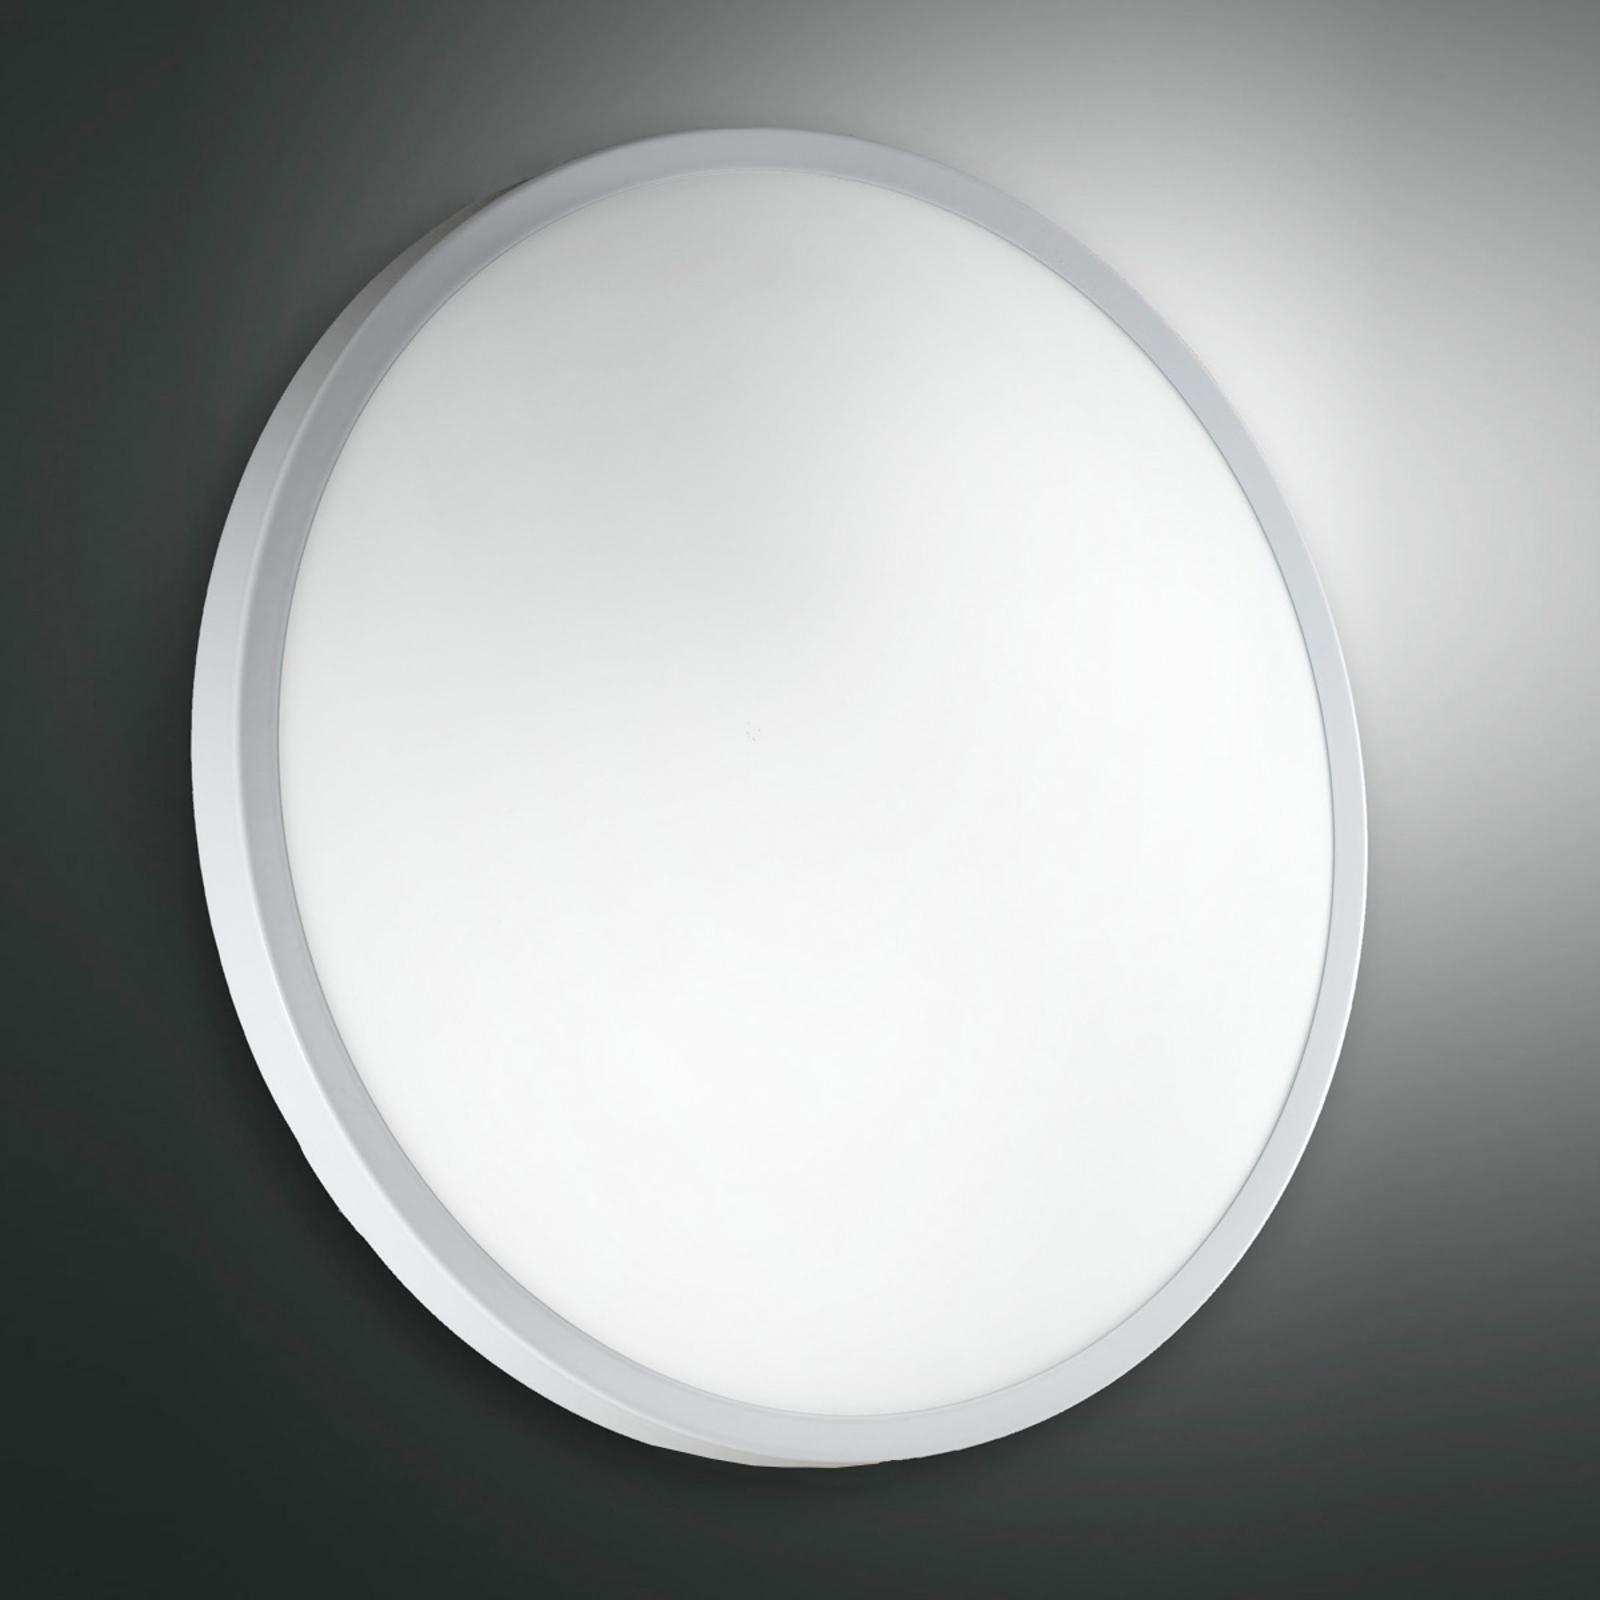 Szklana lampa sufitowa i ścienna PLAZA, 41 cm biel